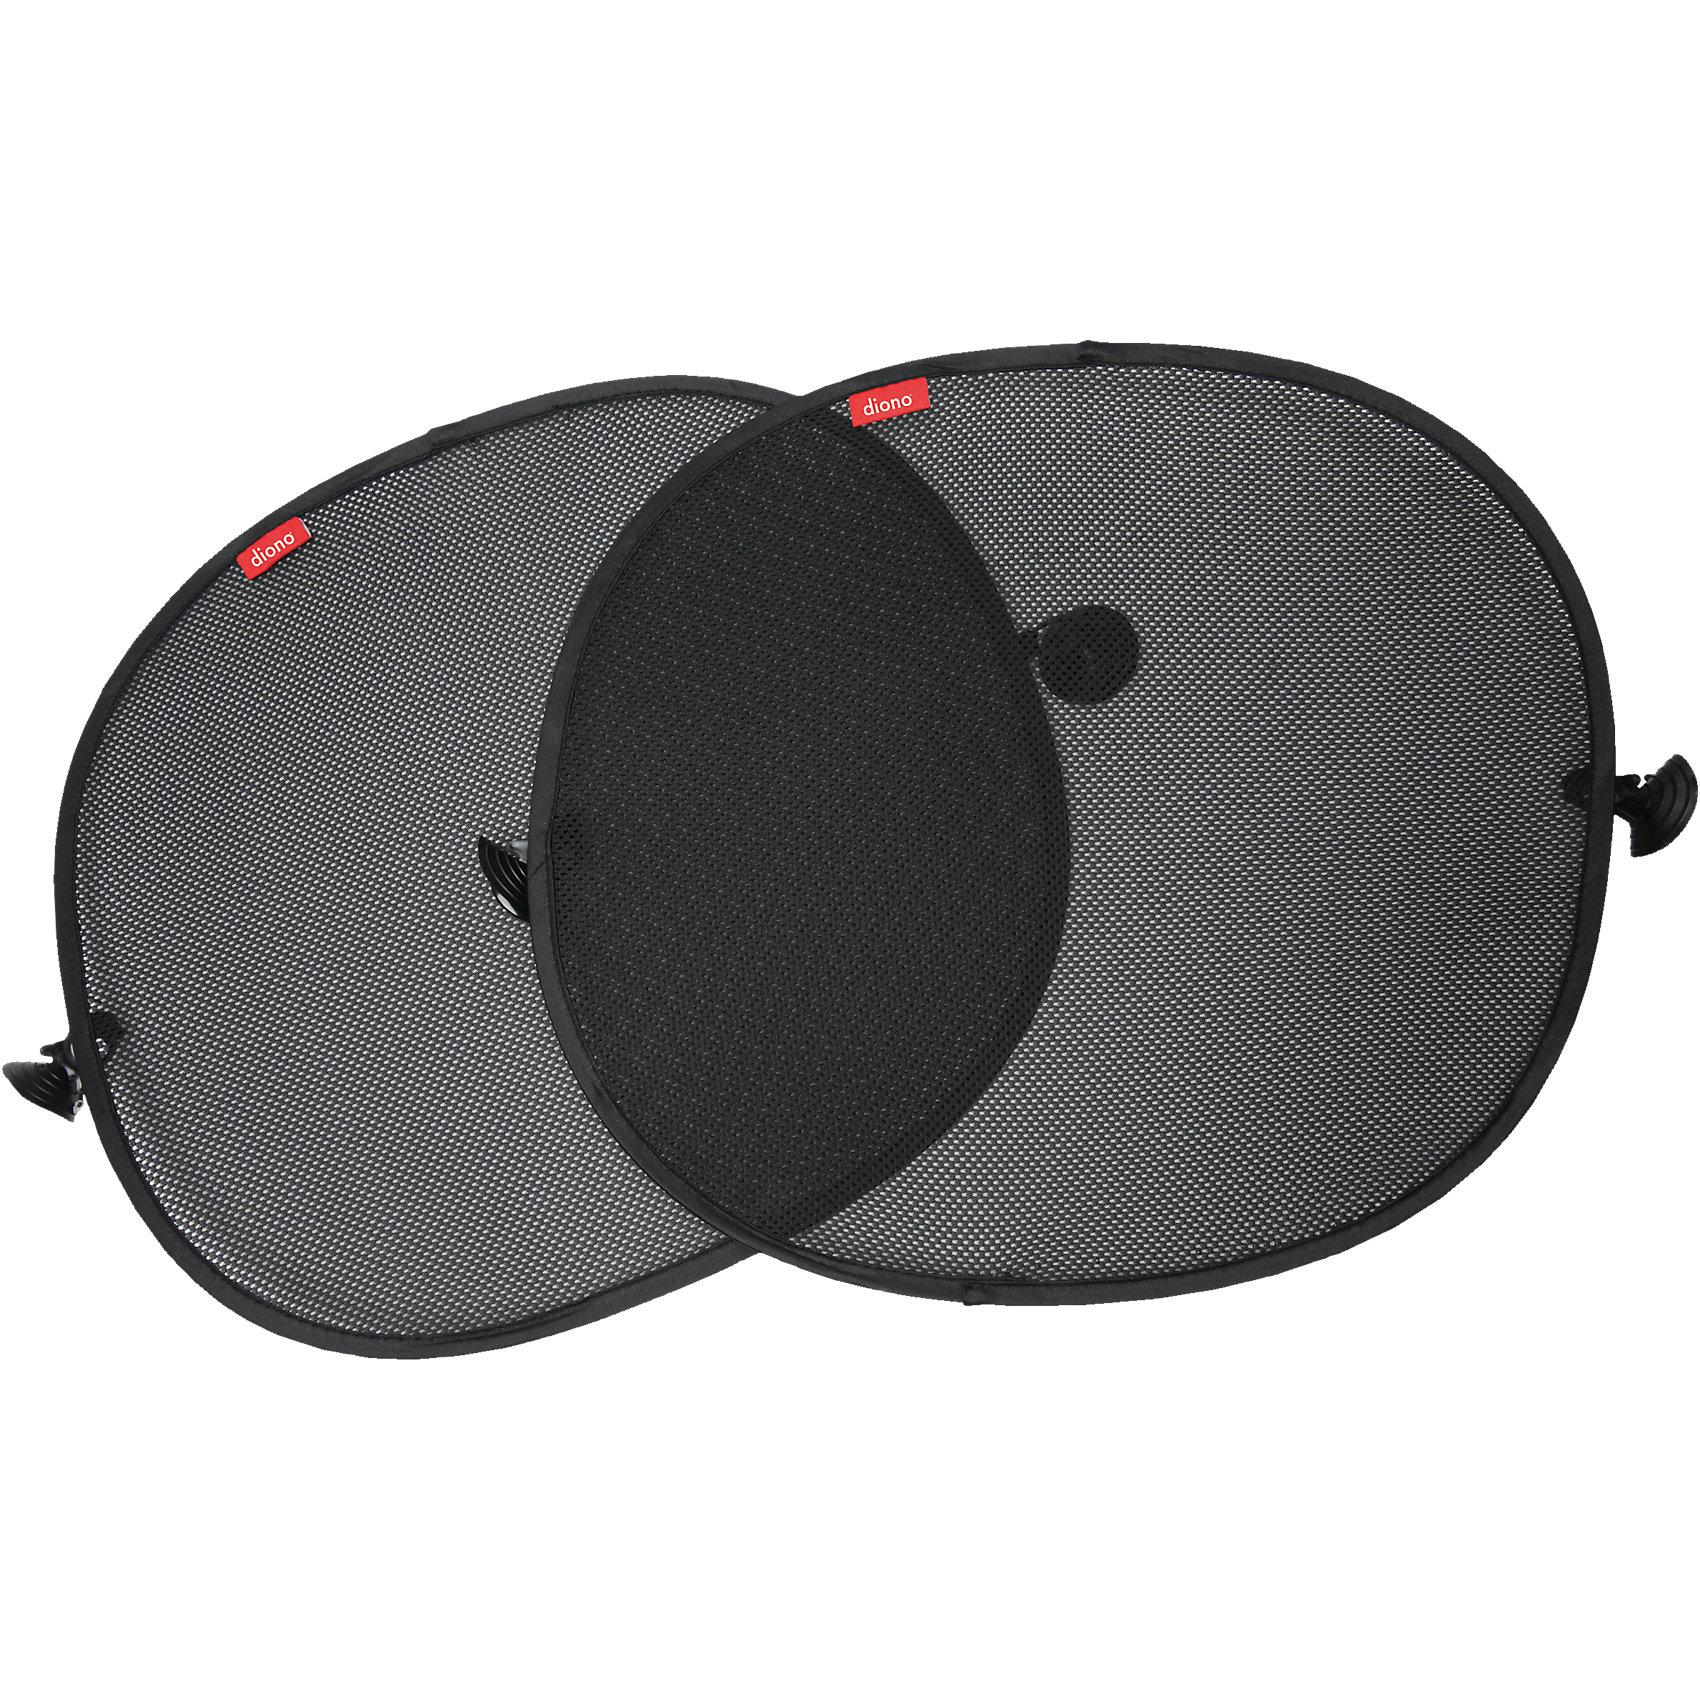 Комплект из 2-х шторок от солнца Sun Stoppers, DionoАксессуары<br>Комплект из 2-х шторок от солнца для боковых стекол автомобиля создан для улучшения комфорта поездки для вашего ребёнка. Шторки легко крепятся и подойдёт для окон любого автомобиля. Ребёнок легко сможет ими пользоваться, благодаря самораскрывающейся конструкции. <br> <br>В комплект входит:<br>- 2 шторки от солнца, размером 42*44 см<br><br>Дополнительная информация:<br>-Марка: Diono<br><br>Комплект из 2-х шторок от солнца Sun Stoppers, Diono вы можете приобрести в нашем интернет-магазине.<br><br>Ширина мм: 182<br>Глубина мм: 165<br>Высота мм: 30<br>Вес г: 25<br>Цвет: черный<br>Возраст от месяцев: 0<br>Возраст до месяцев: 36<br>Пол: Унисекс<br>Возраст: Детский<br>SKU: 5089860